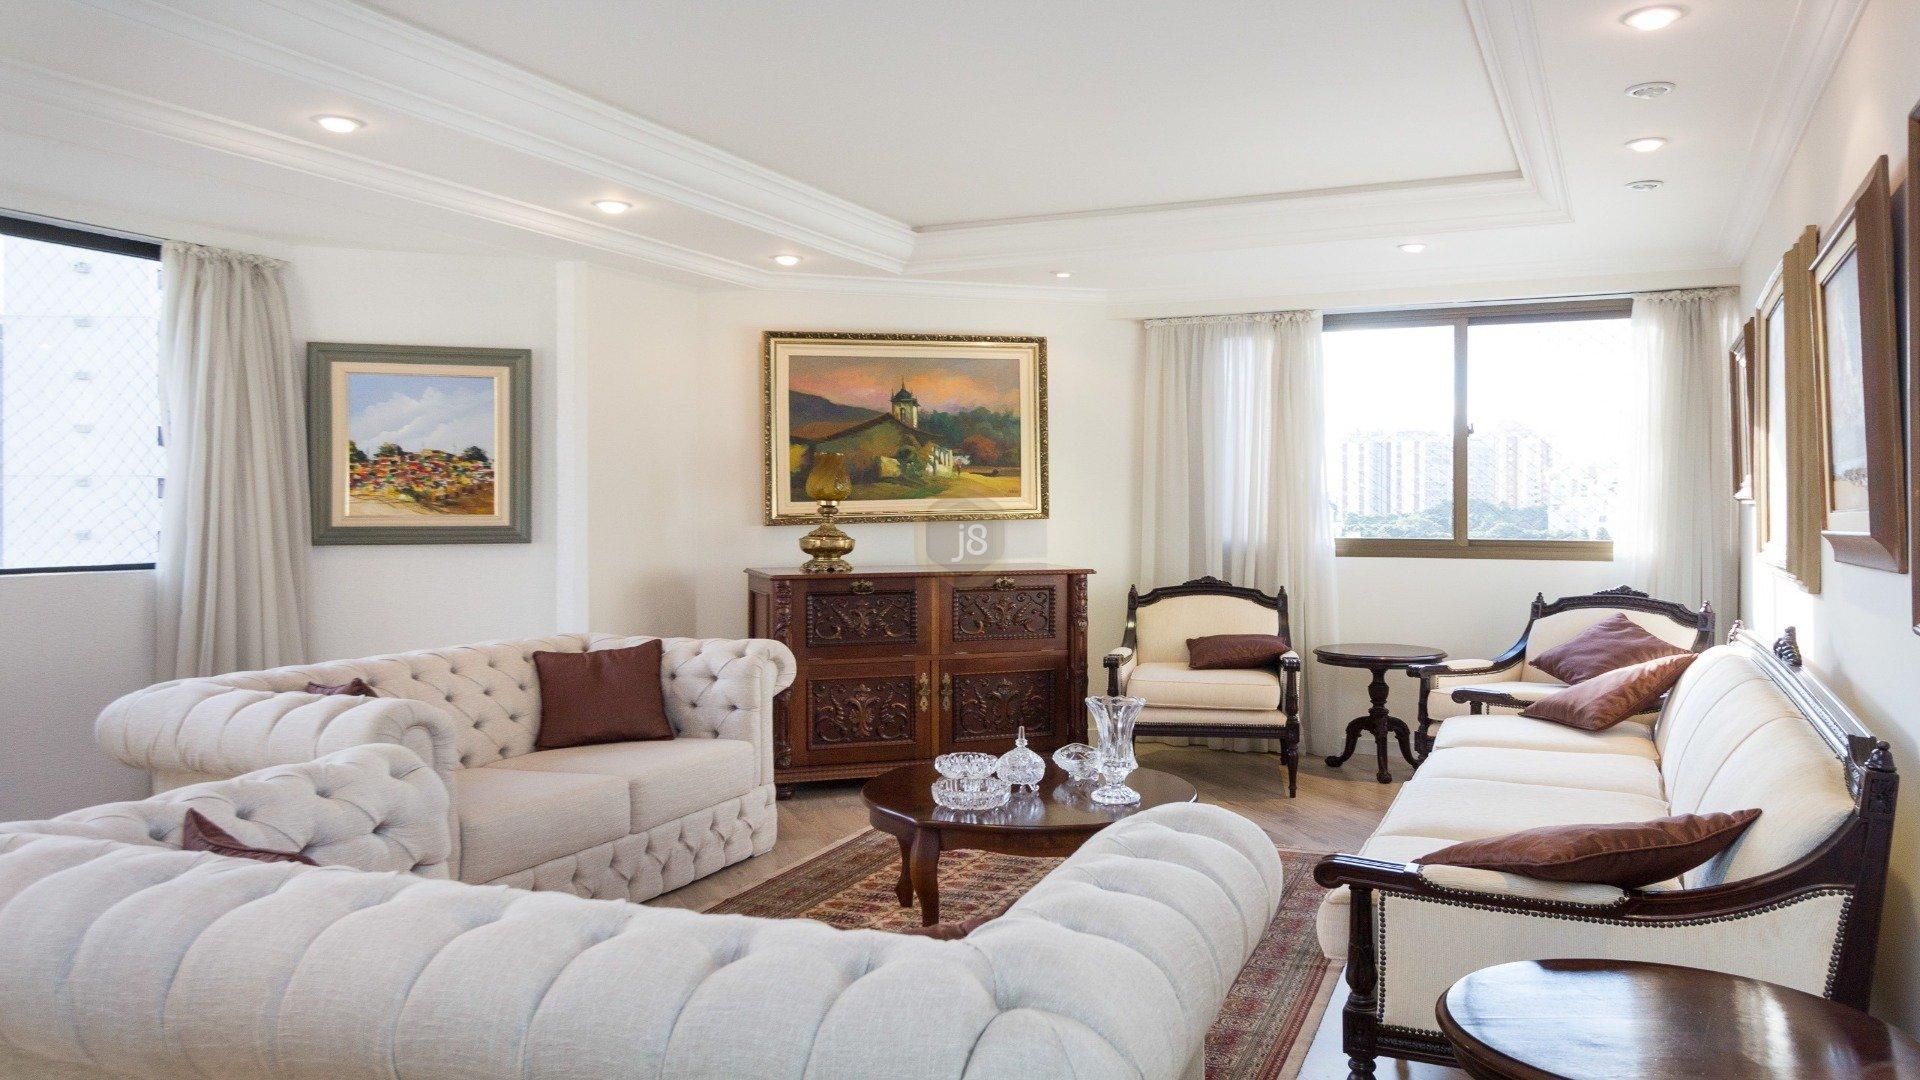 Foto de destaque Este apartamento no juvevê espera por você